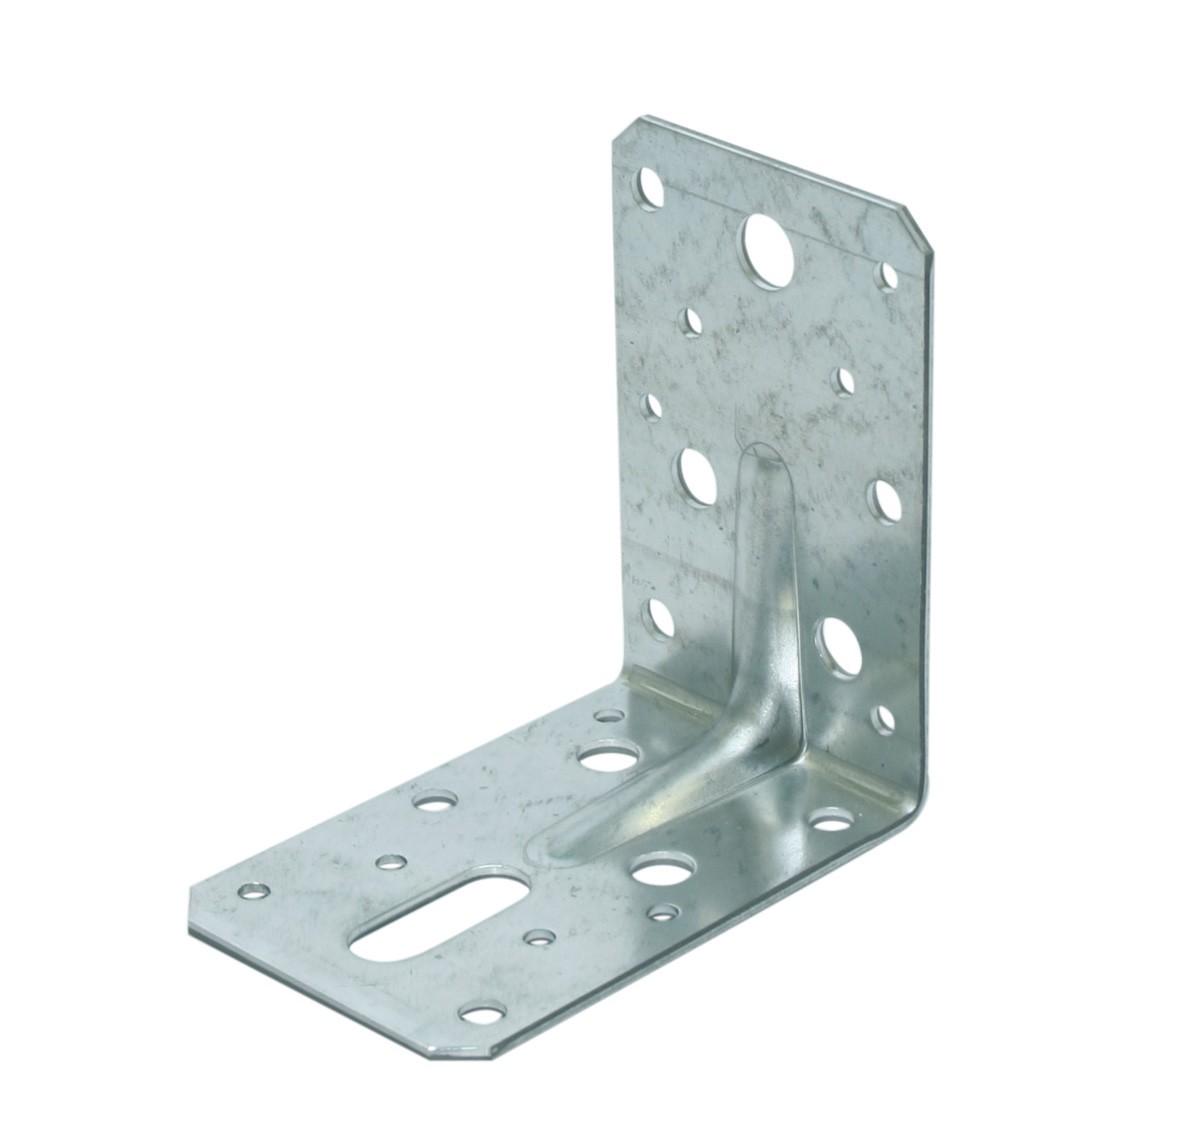 Corner bracket ridged 90x90 60x2,5 ZM